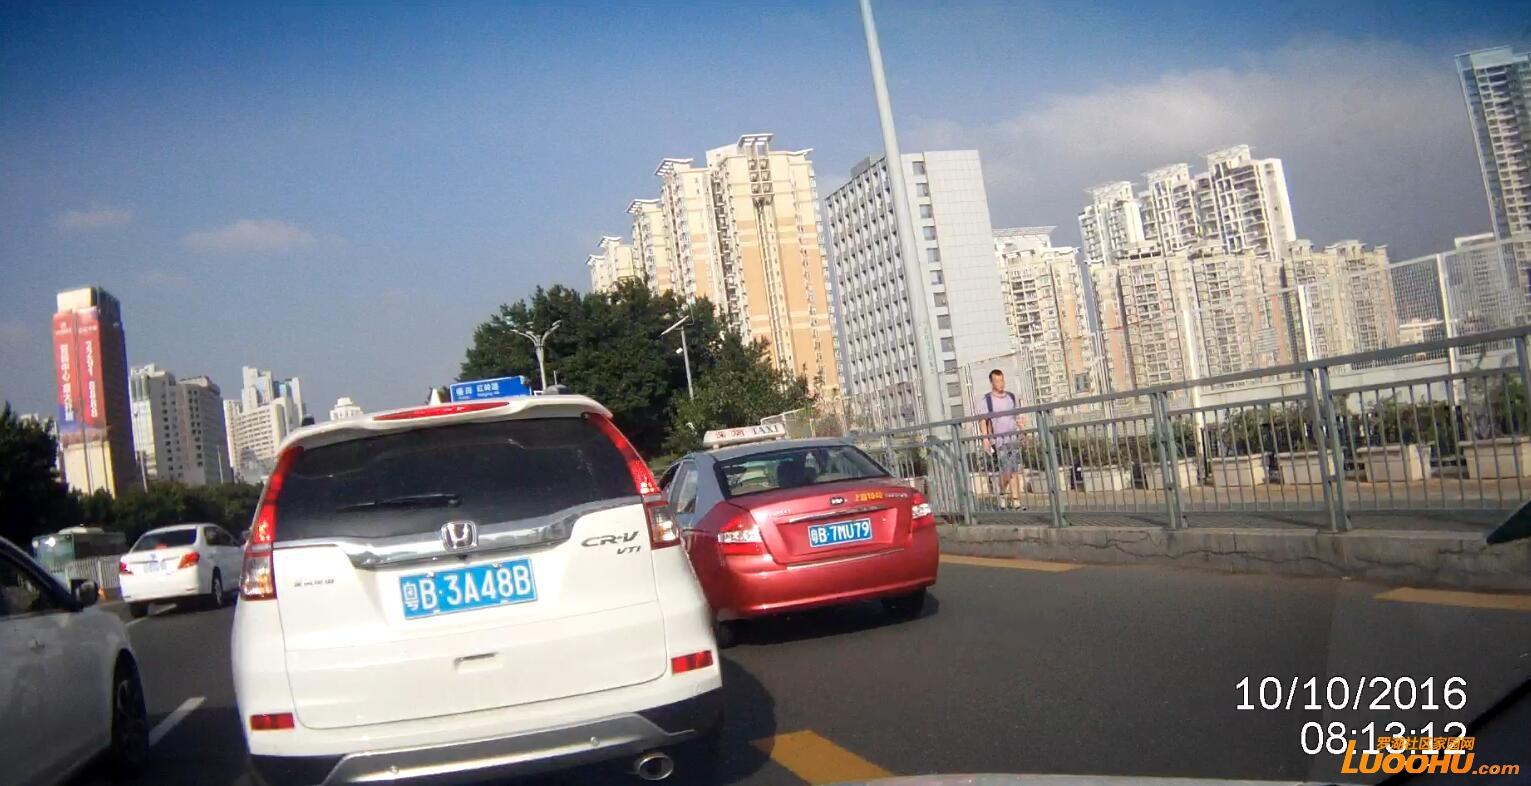 笋岗路西行笋岗铁路跨线桥上(粤B7MU79)高峰时段行走公交车道02.jpg